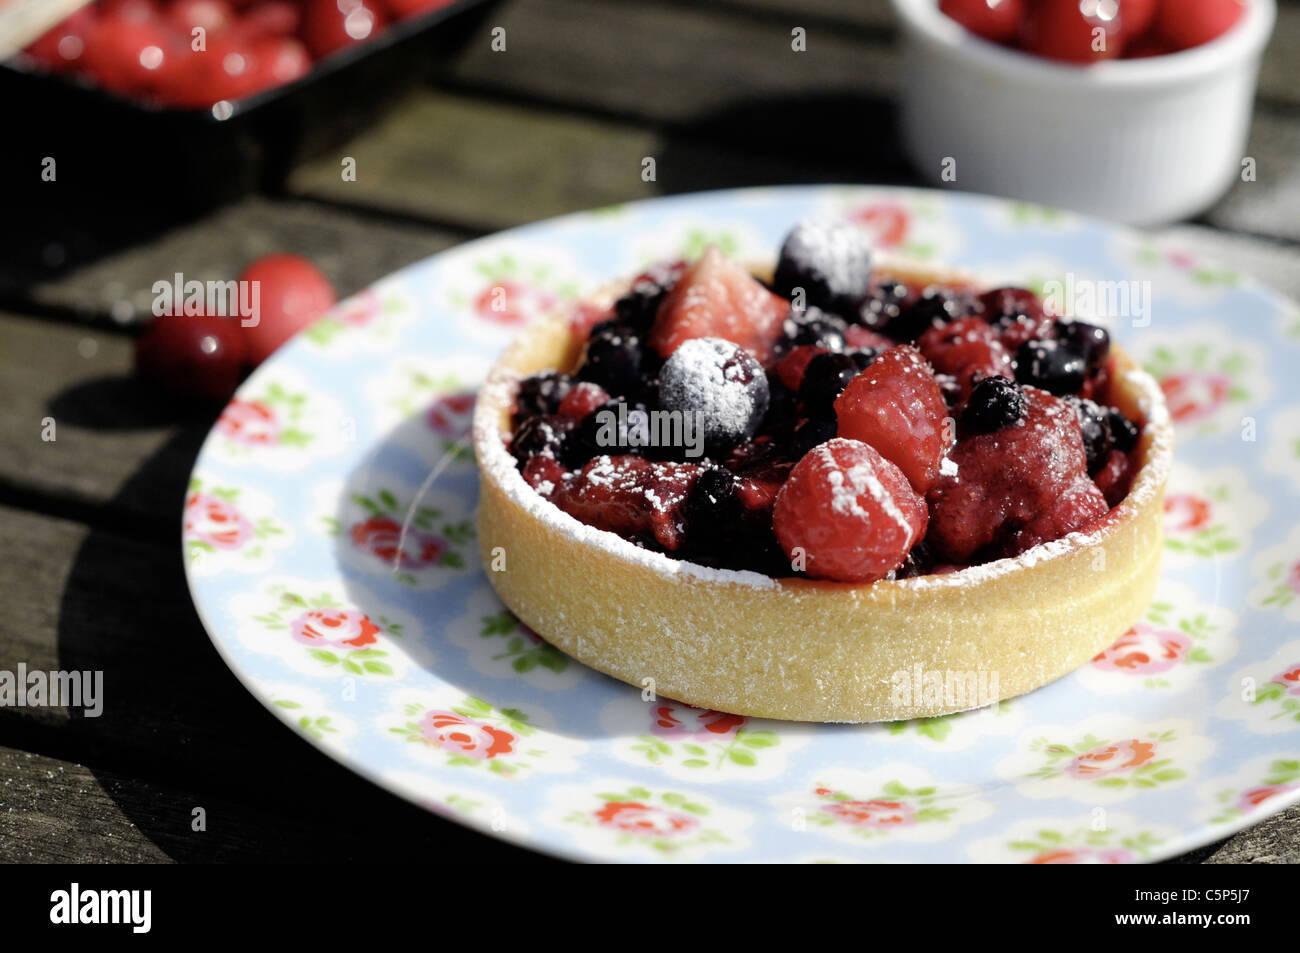 Berry inicio fuera sobre una placa florido Imagen De Stock